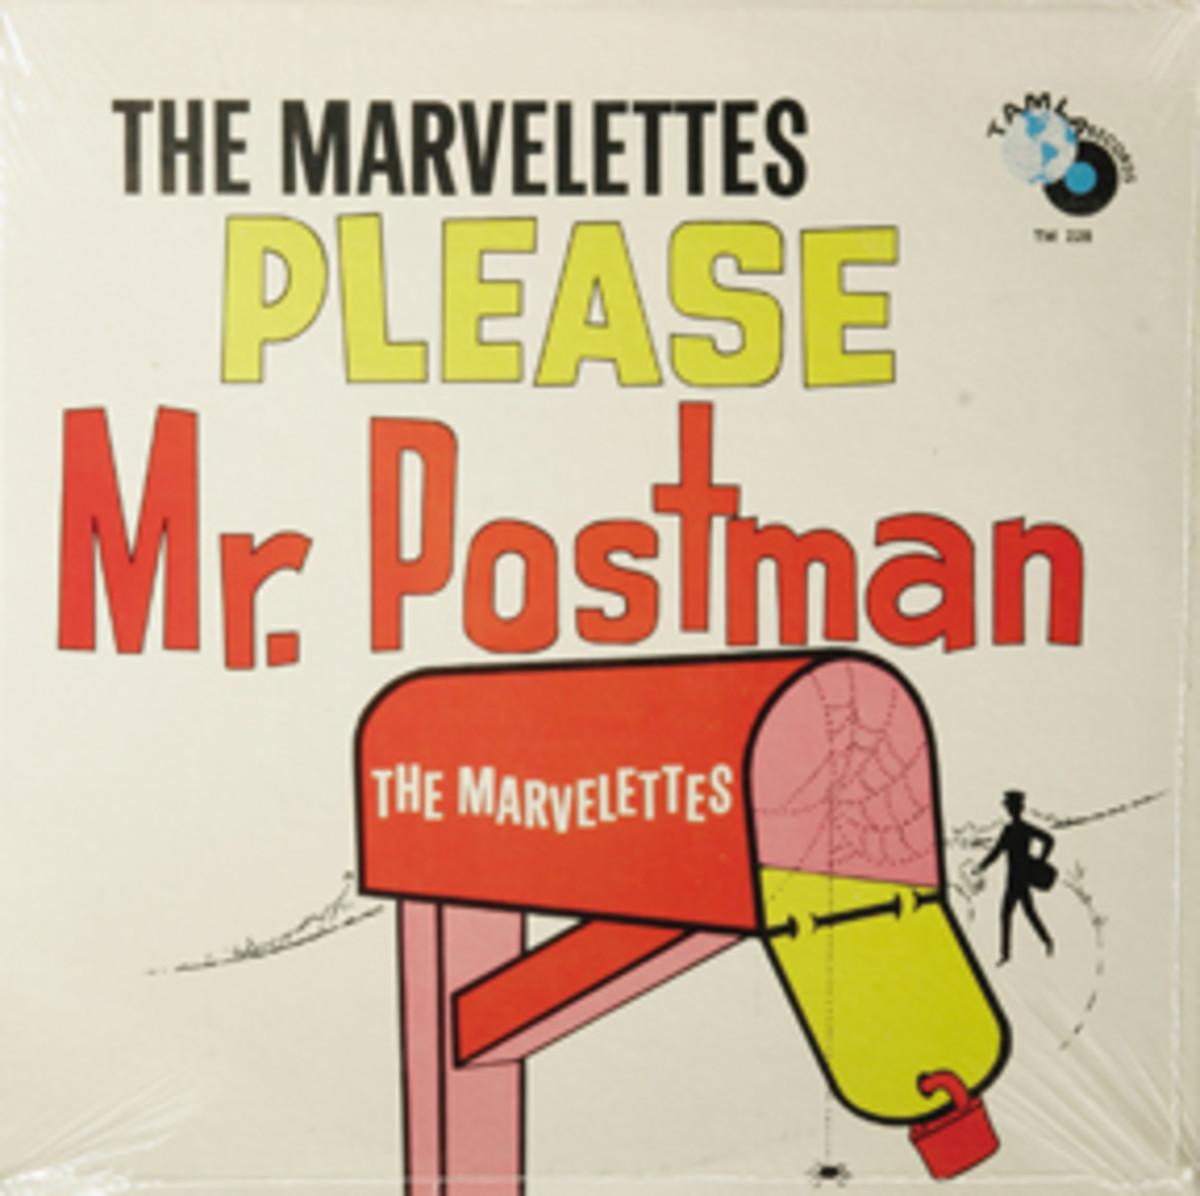 Marvelettes Please Mr. Postman